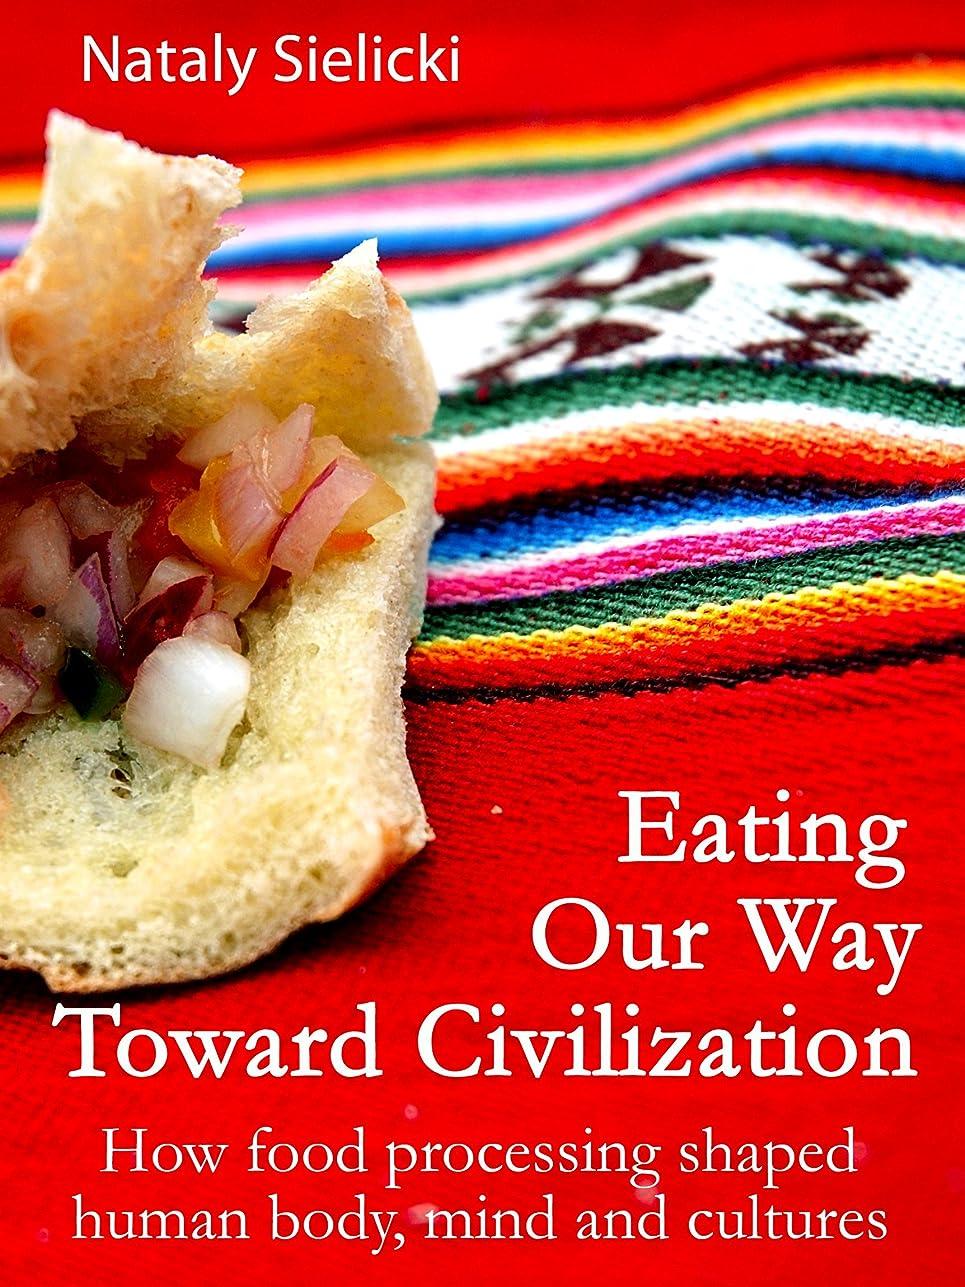 雪の既婚降ろすEating Our Way Toward Civilization: How food processing shaped human body, mind and cultures (Sielicki's Singles) (English Edition)